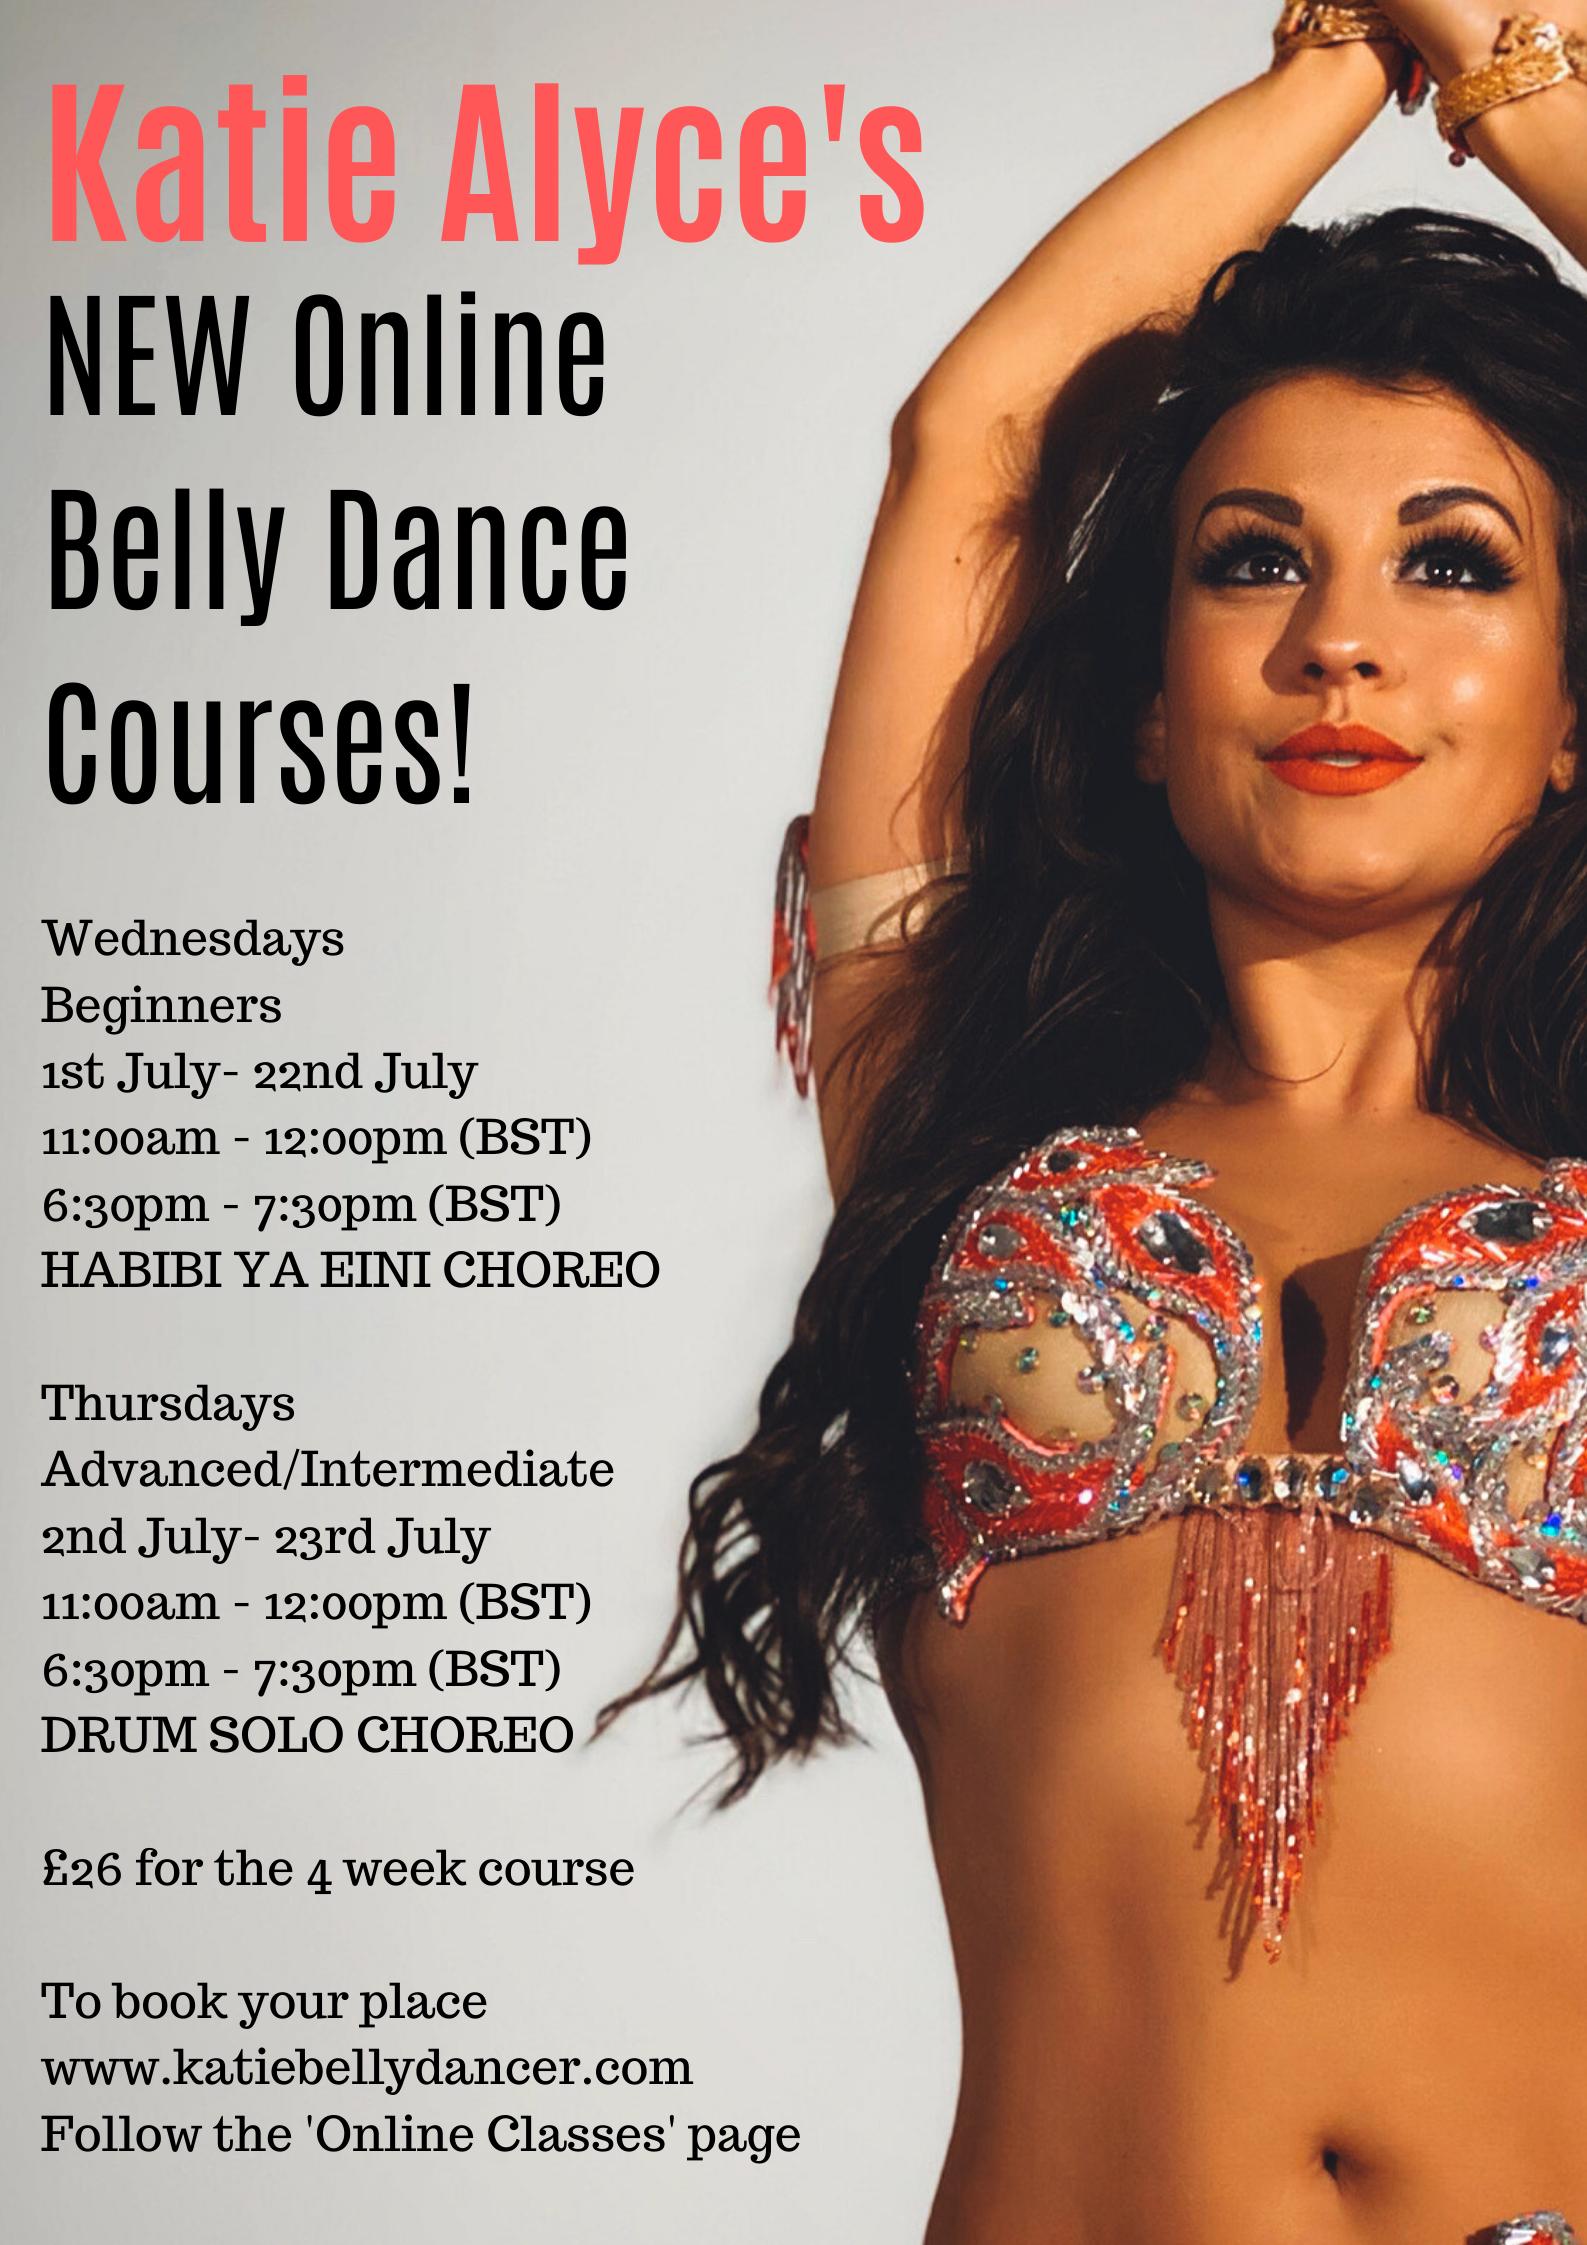 Katie's online belly dance courses